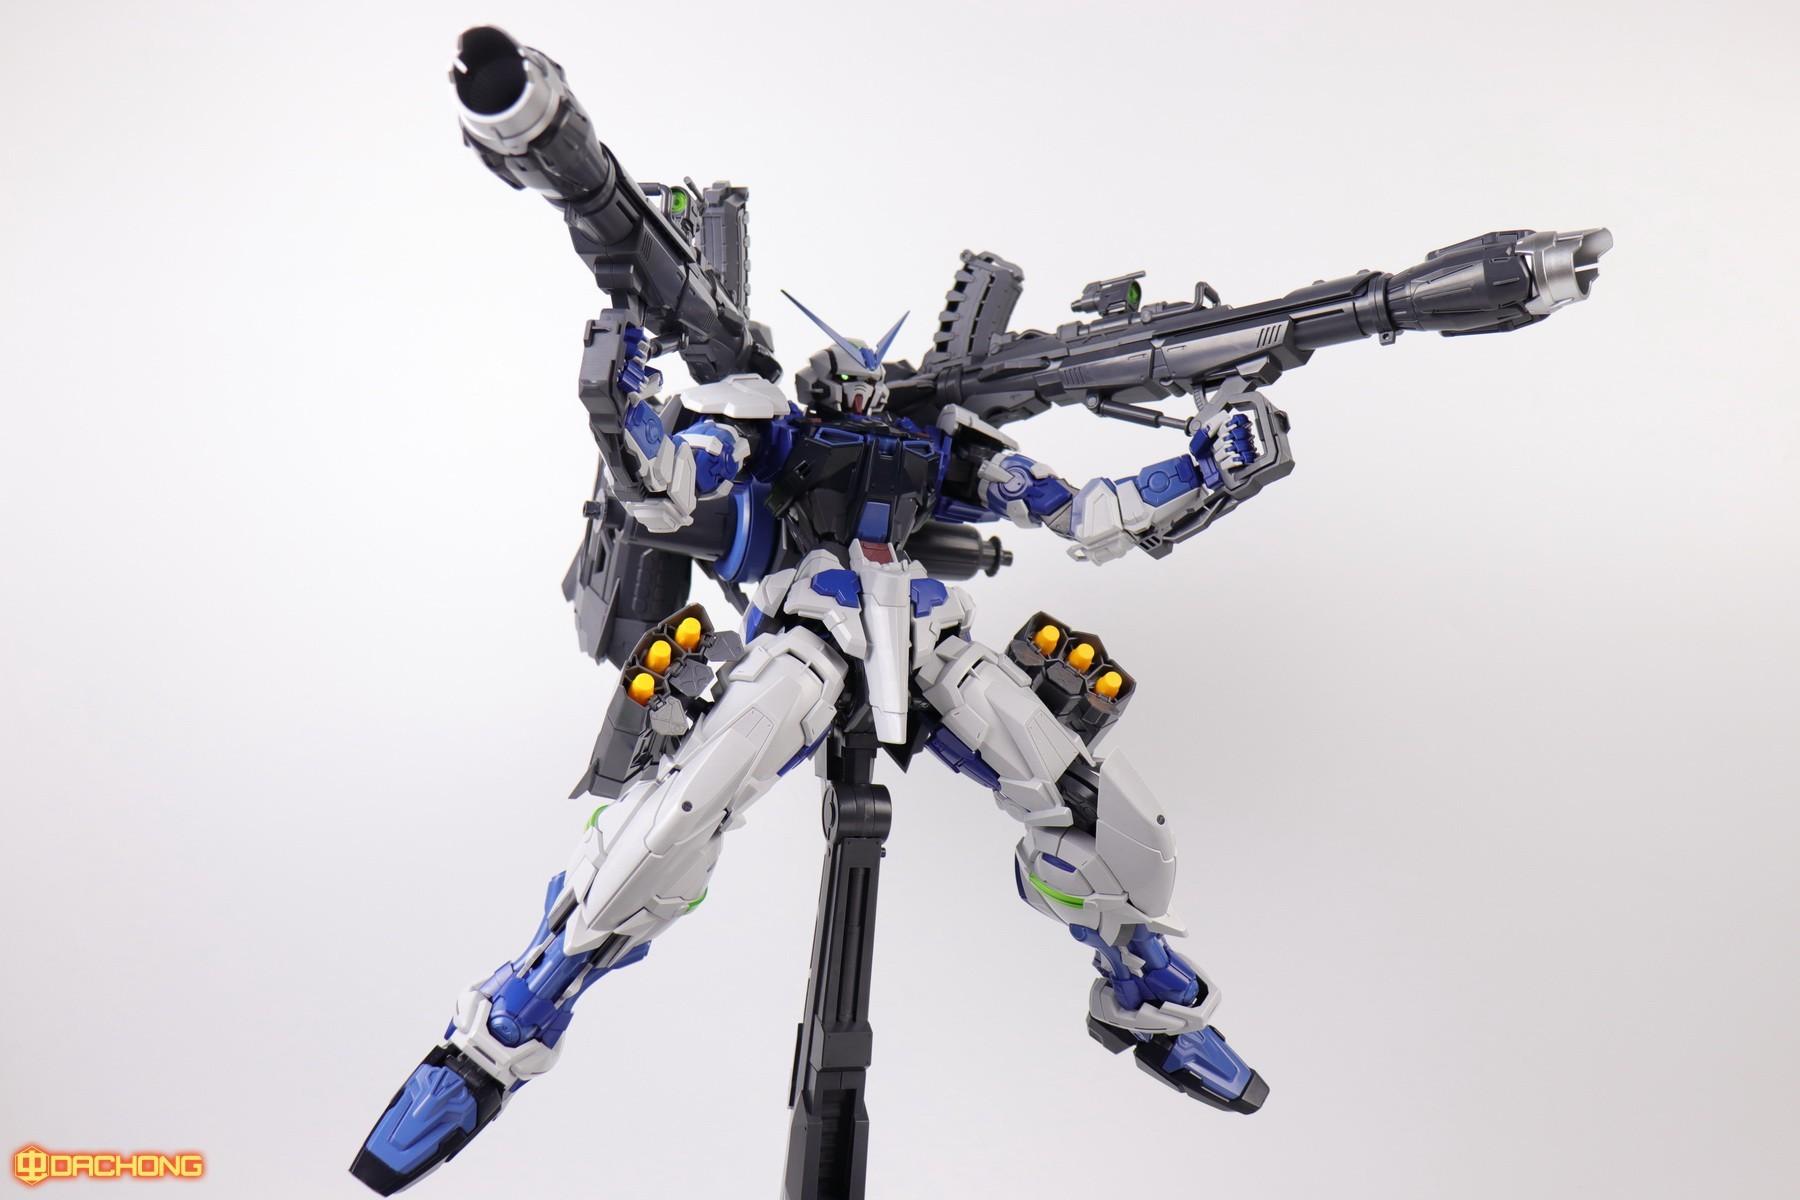 S306_blue_frame_astray_60_091.jpg